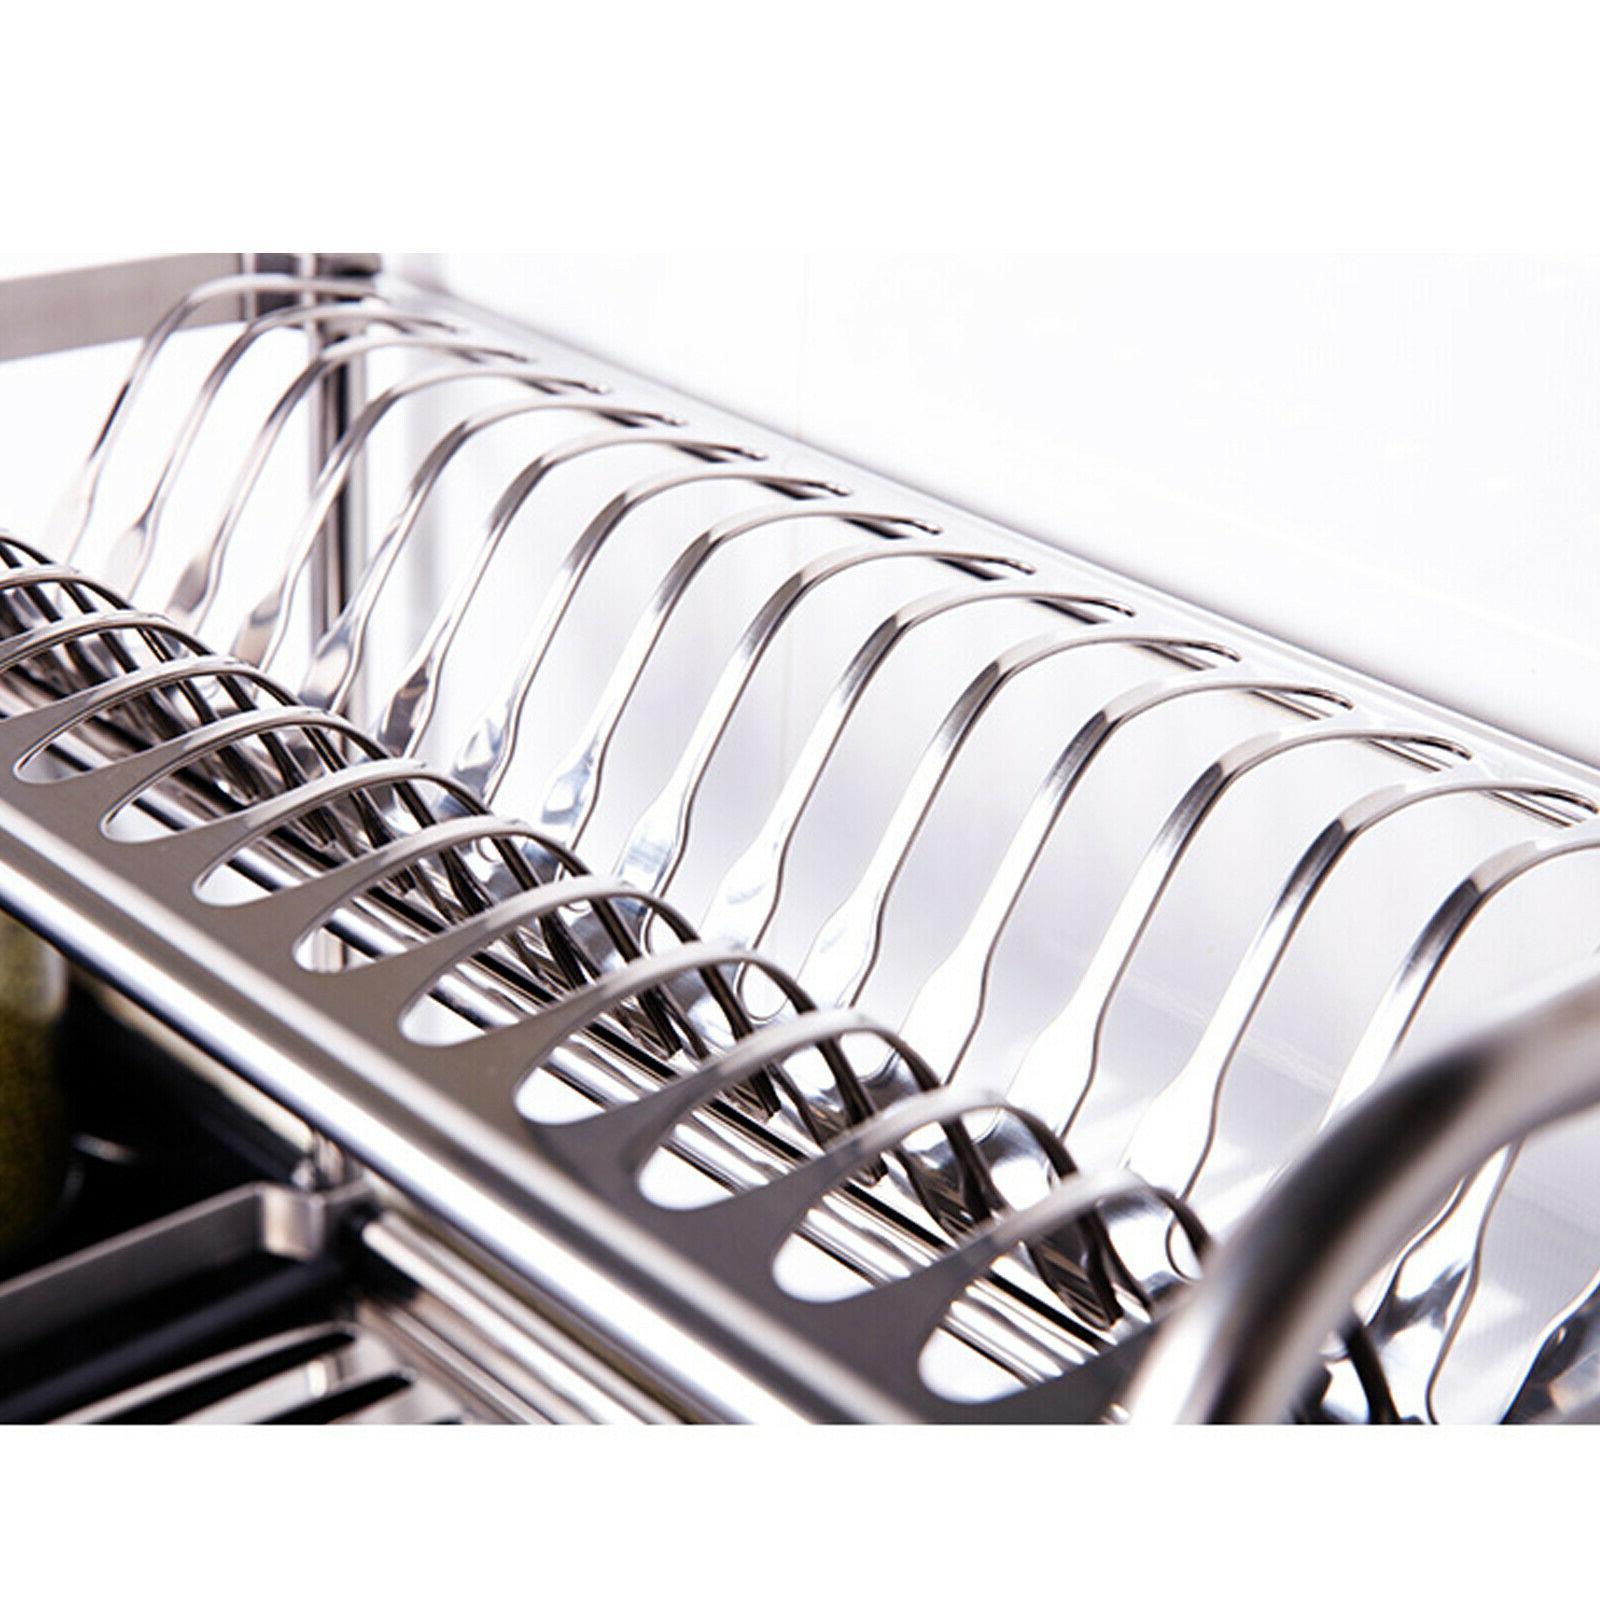 2 Stainless Dish Rack Utensil Plate Holder Wall Drainer